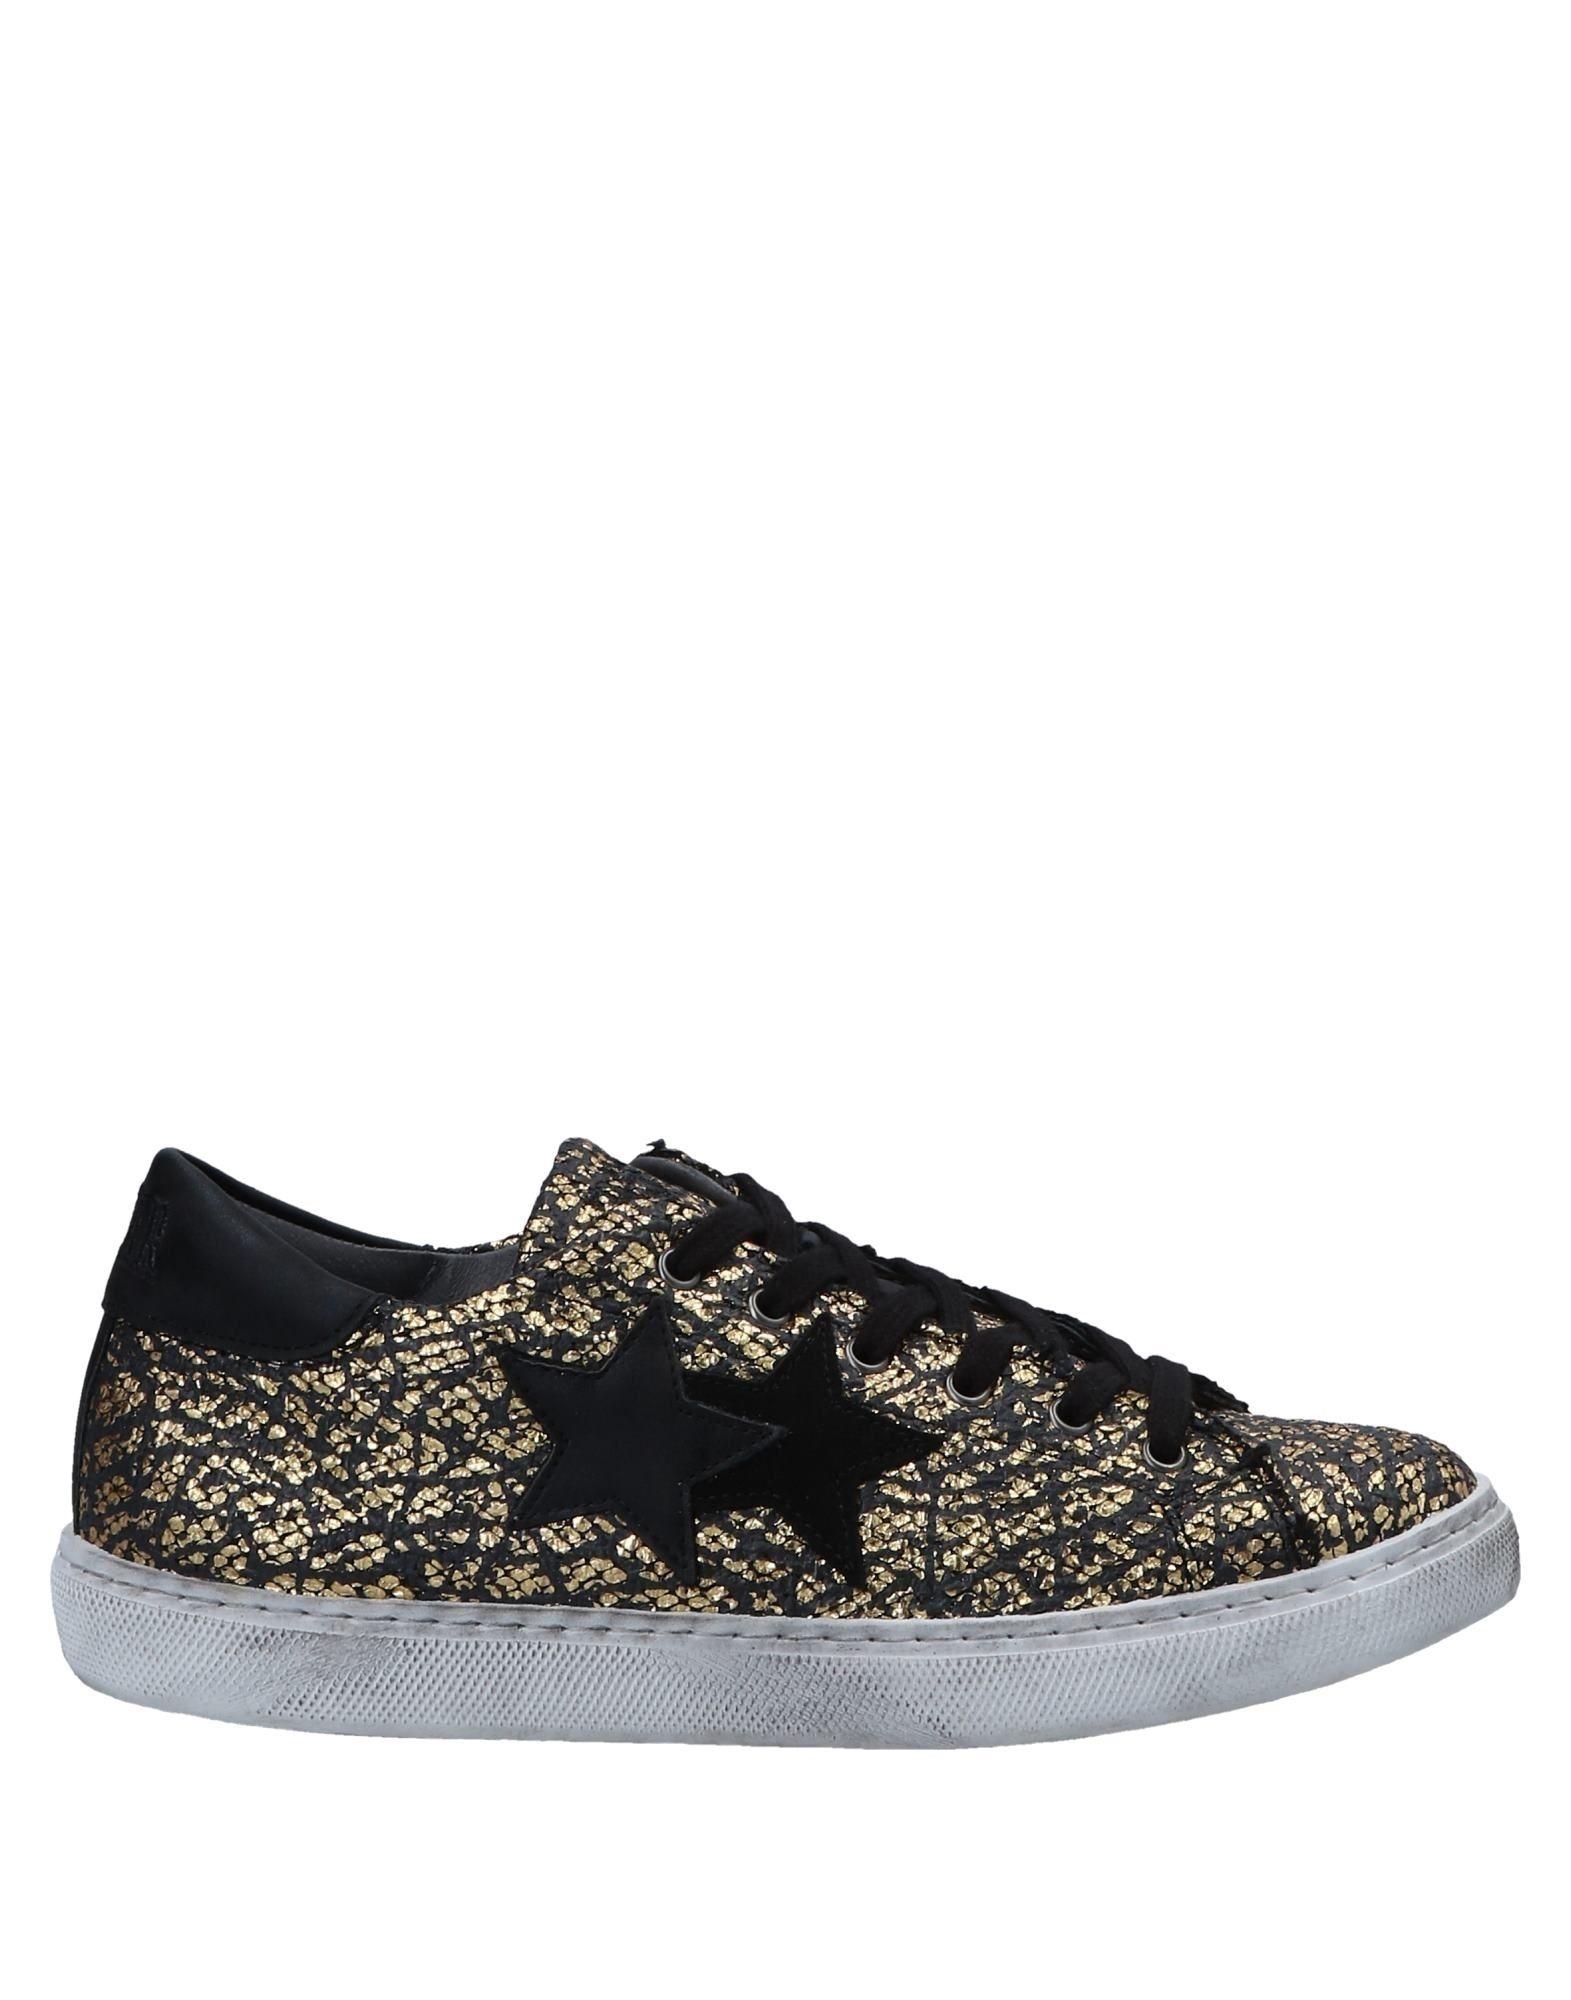 Sneakers 2Star Donna - 11552201KQ Scarpe economiche e buone